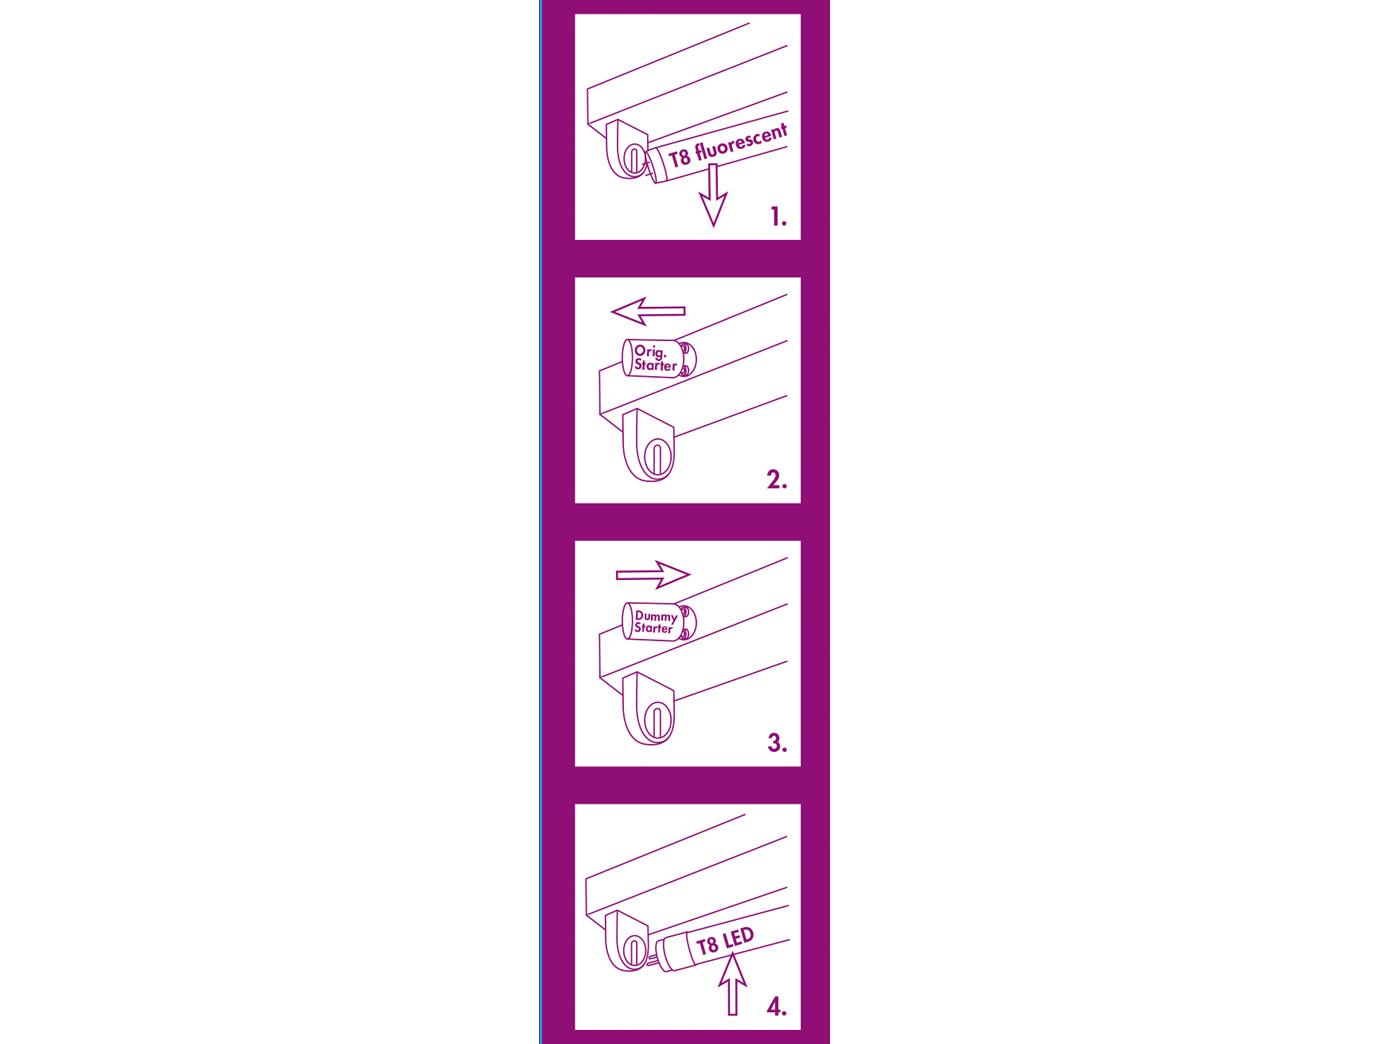 weiß neutral 2x LED-Leuchtstoffröhren 4000 Kelvin//2000 Lumen Länge 150 cm